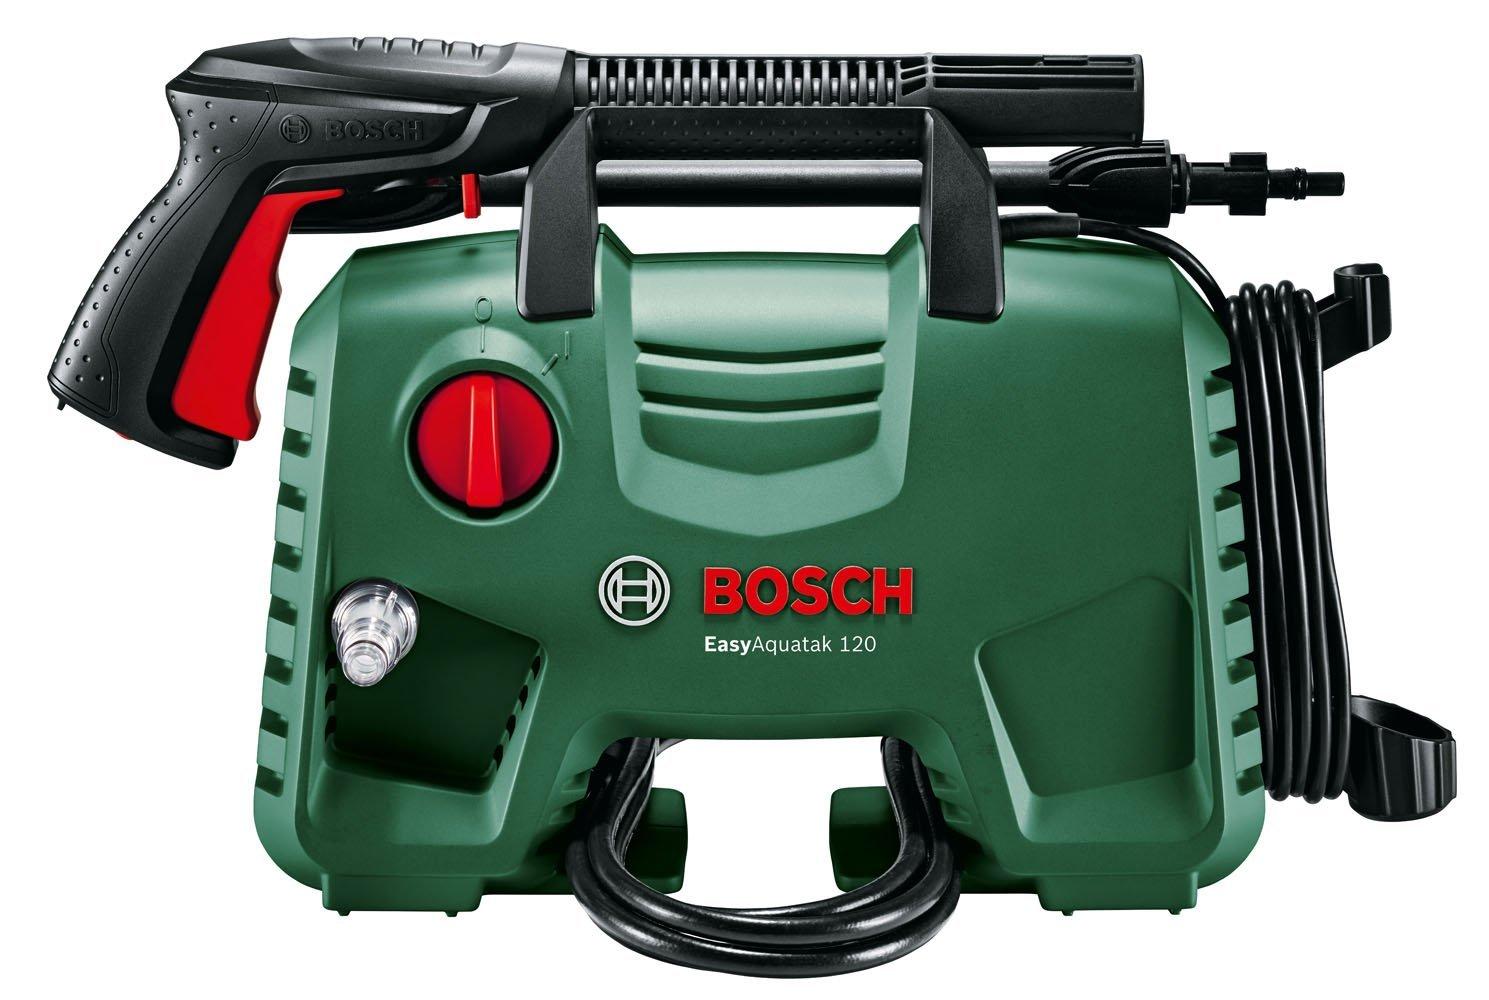 Nettoyeur haute pression bosch aqt 33 11 6 outils et - Nettoyeur haute pression bosch ...